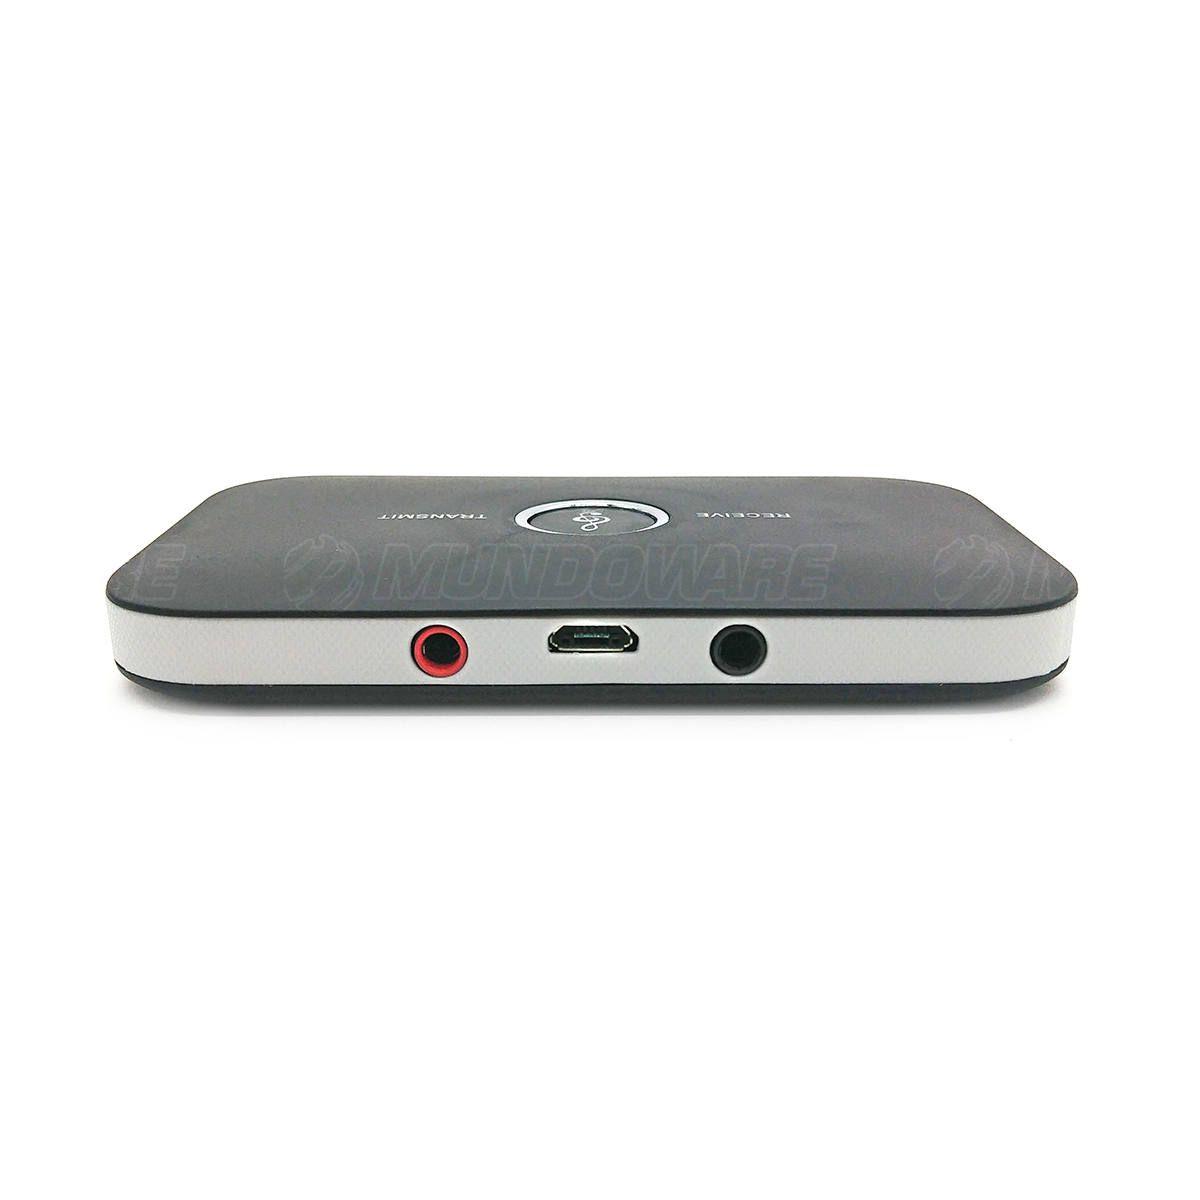 Adaptador 2 em 1 Transmissor e Receptor Bluetooth 4.1 Áudio Estéreo Sem Fio Blu02